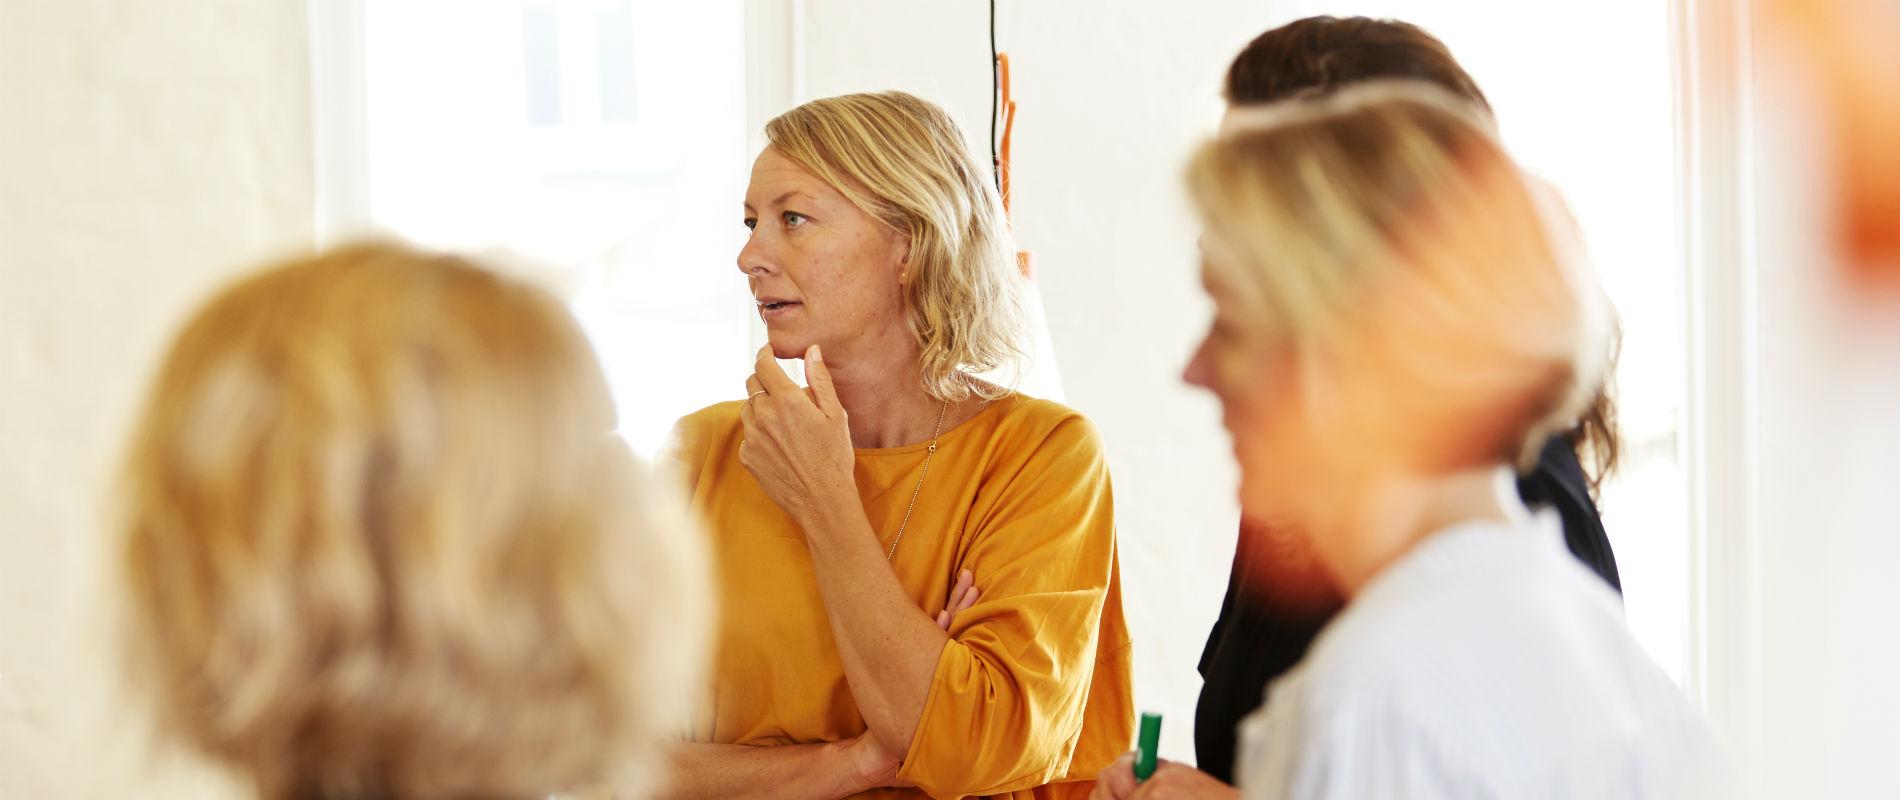 styrk underviserne så i deres dagligdag med nye reformer og tiltag